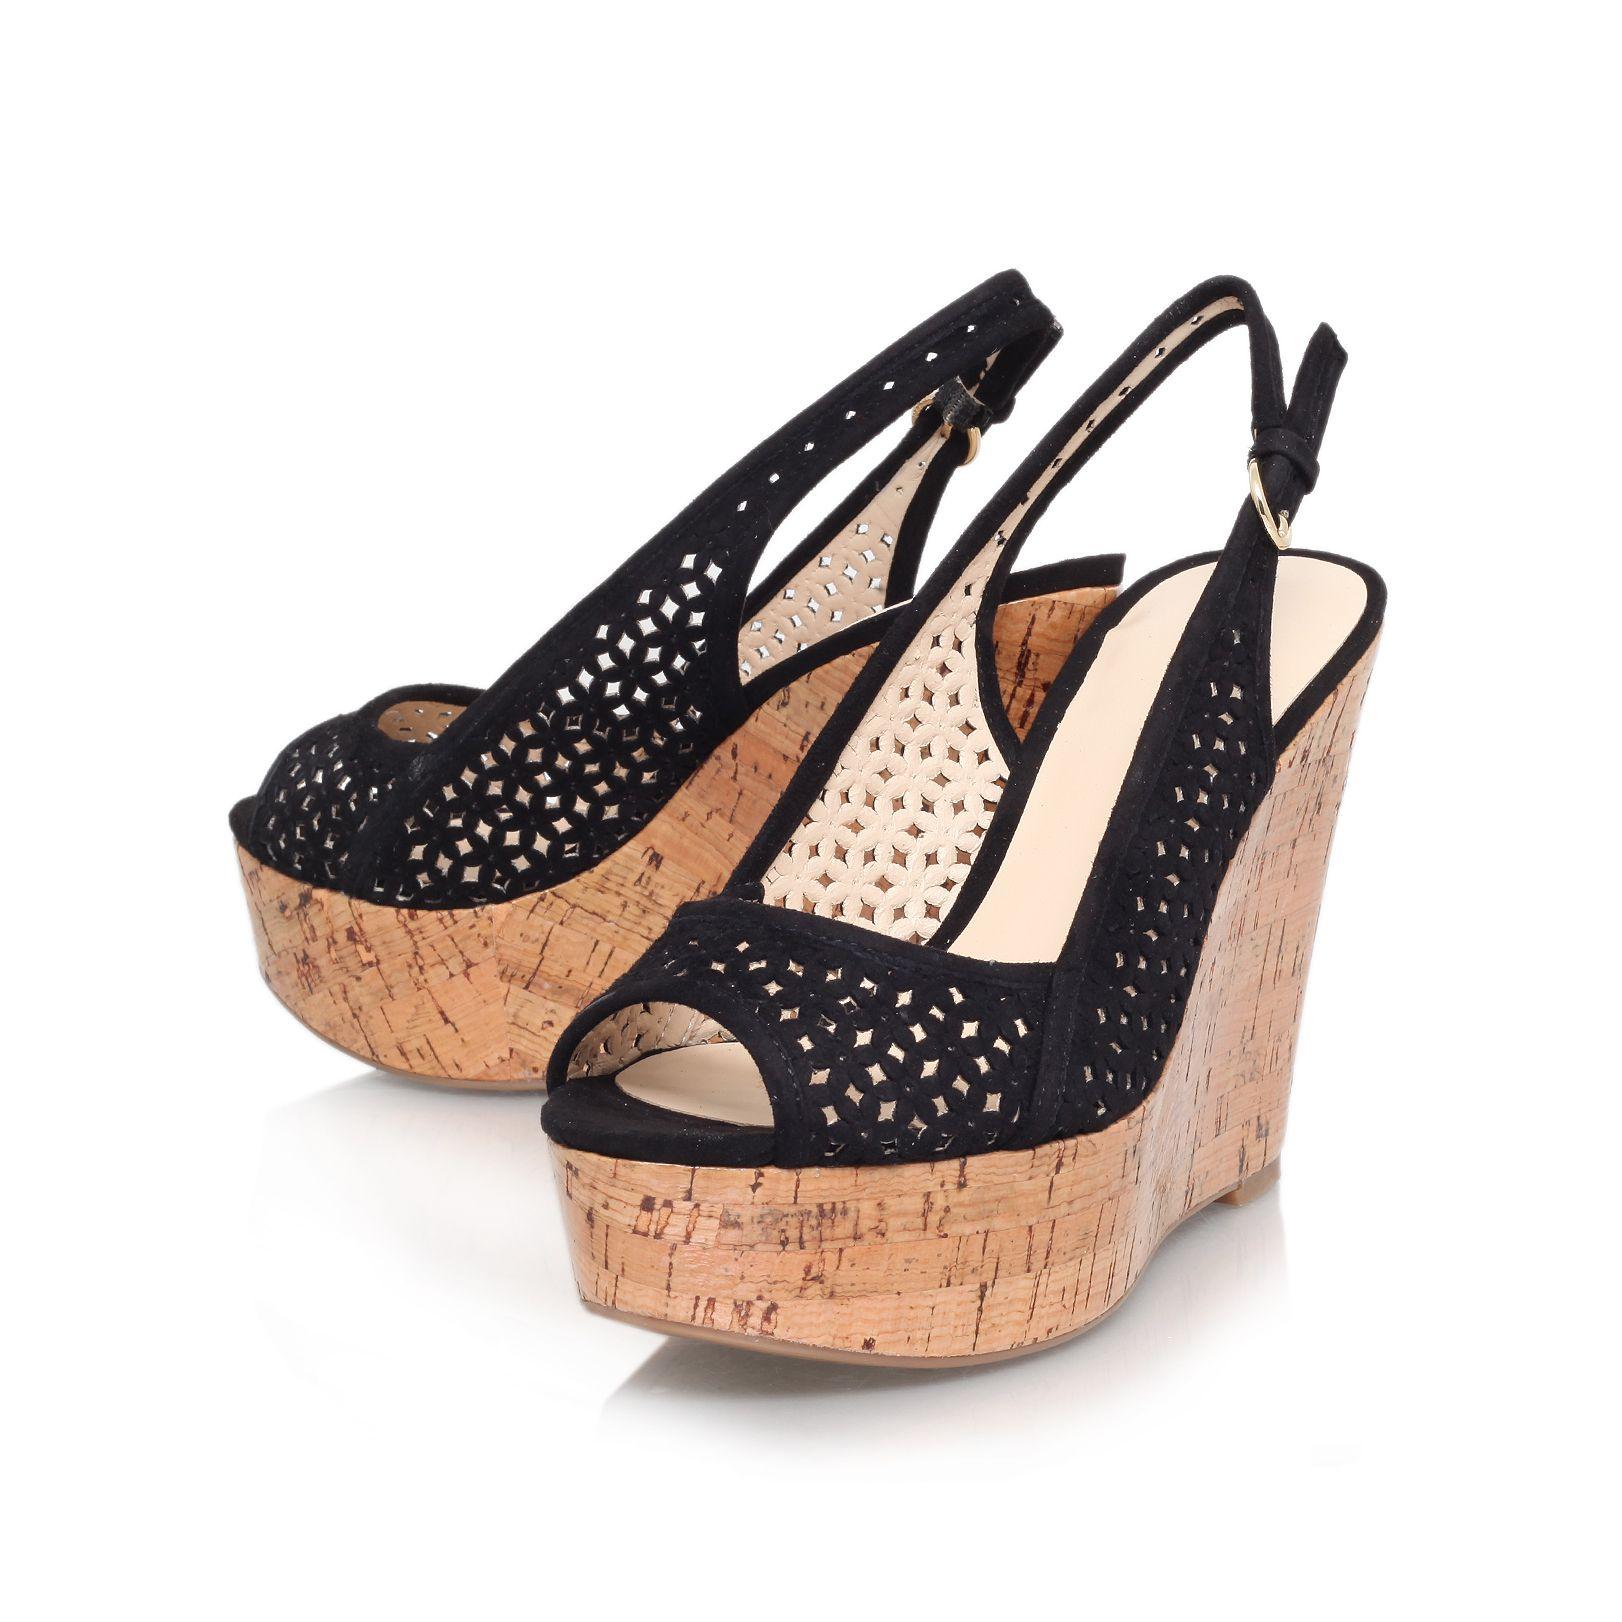 Nine West Wedge Shoes Uk